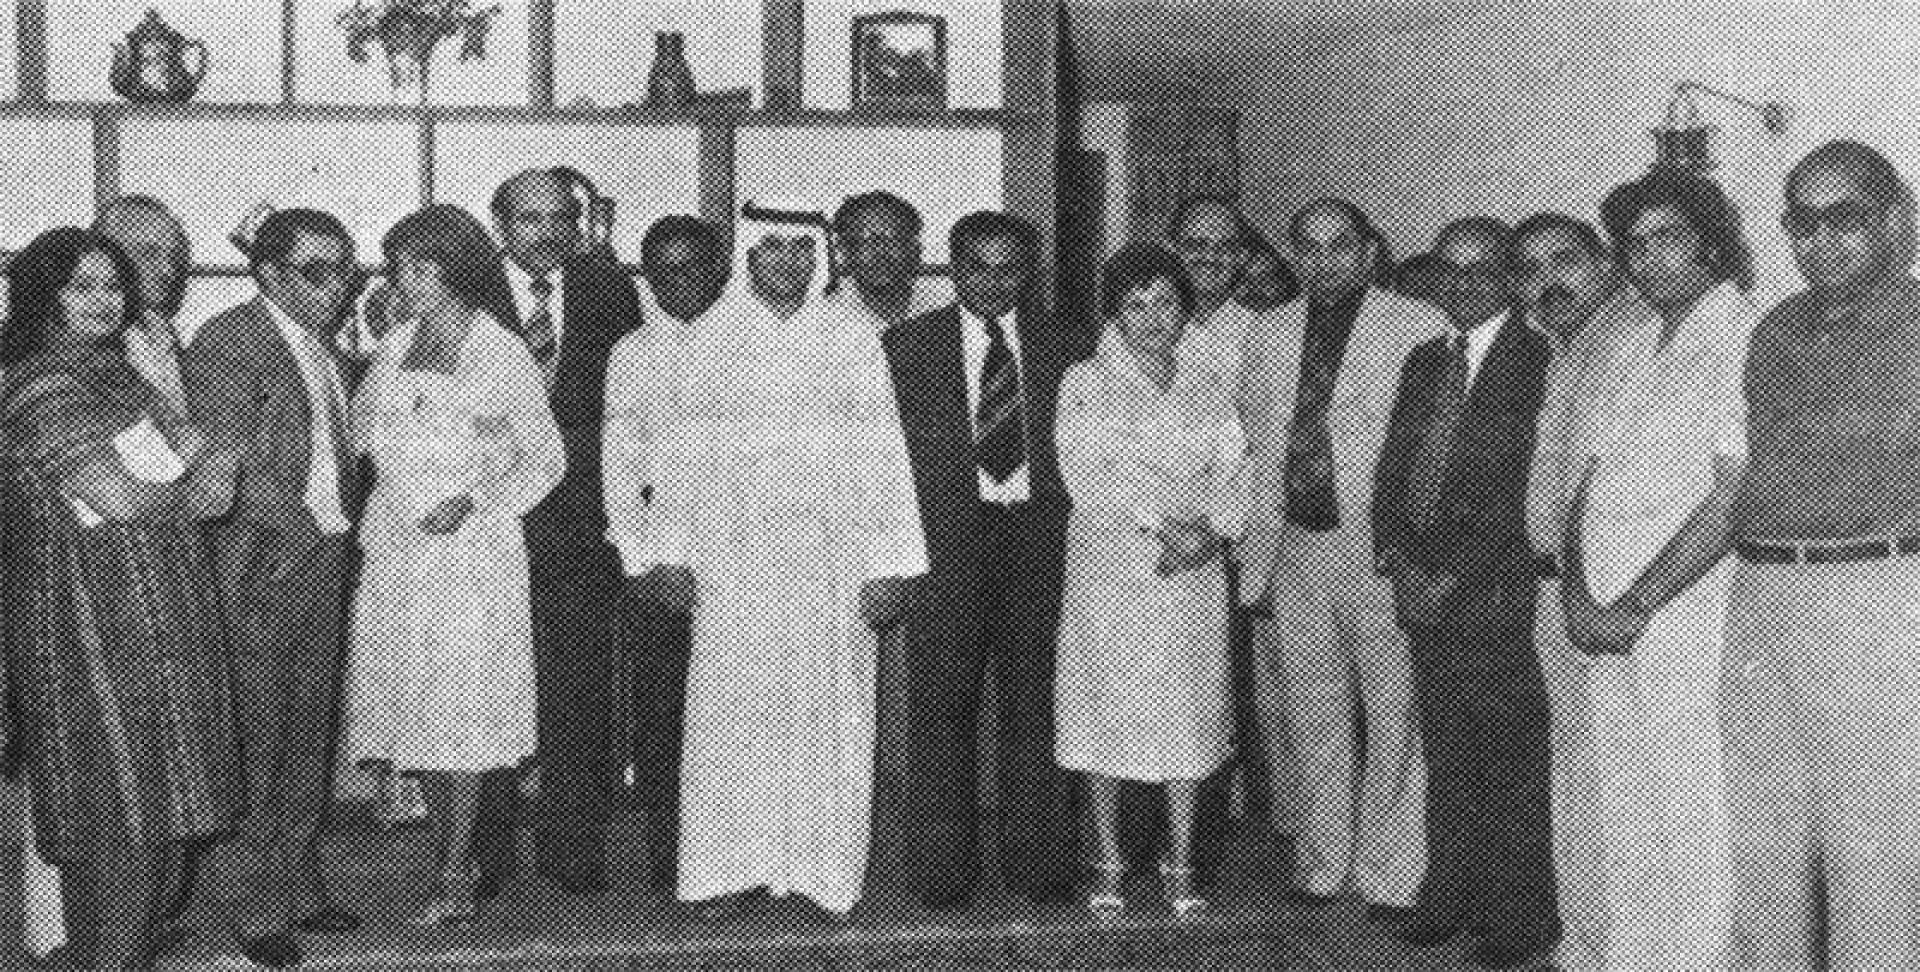 صورة تذكارية تجمع المستشار الصحفي الباكستاني مع عدد من المدعوين.. أرشيفية